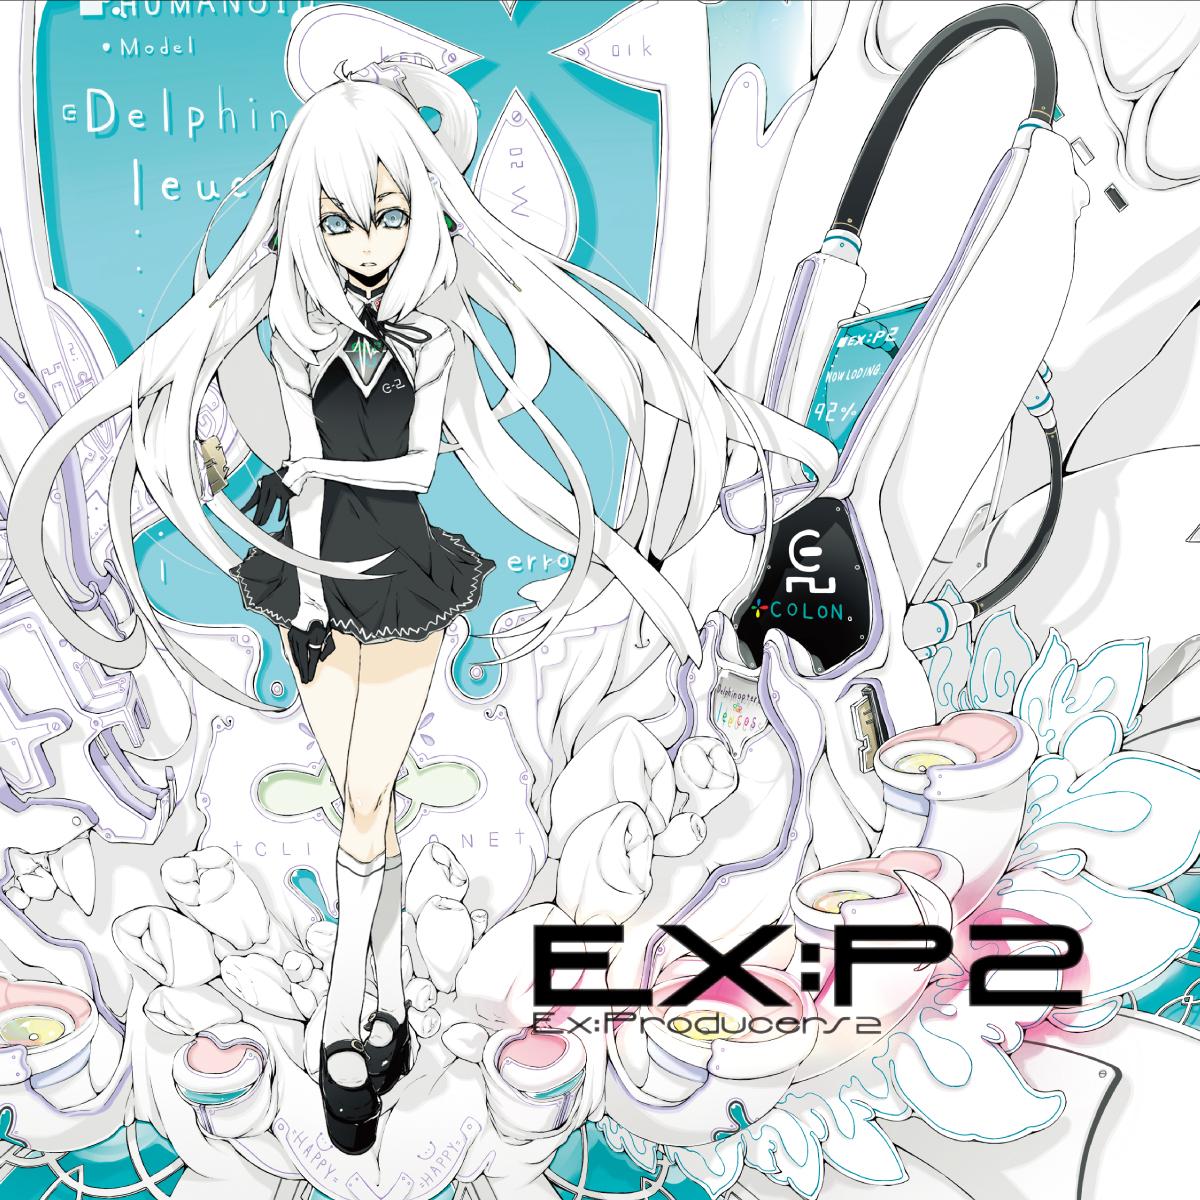 EX:P2 ~Ex:Producers2~